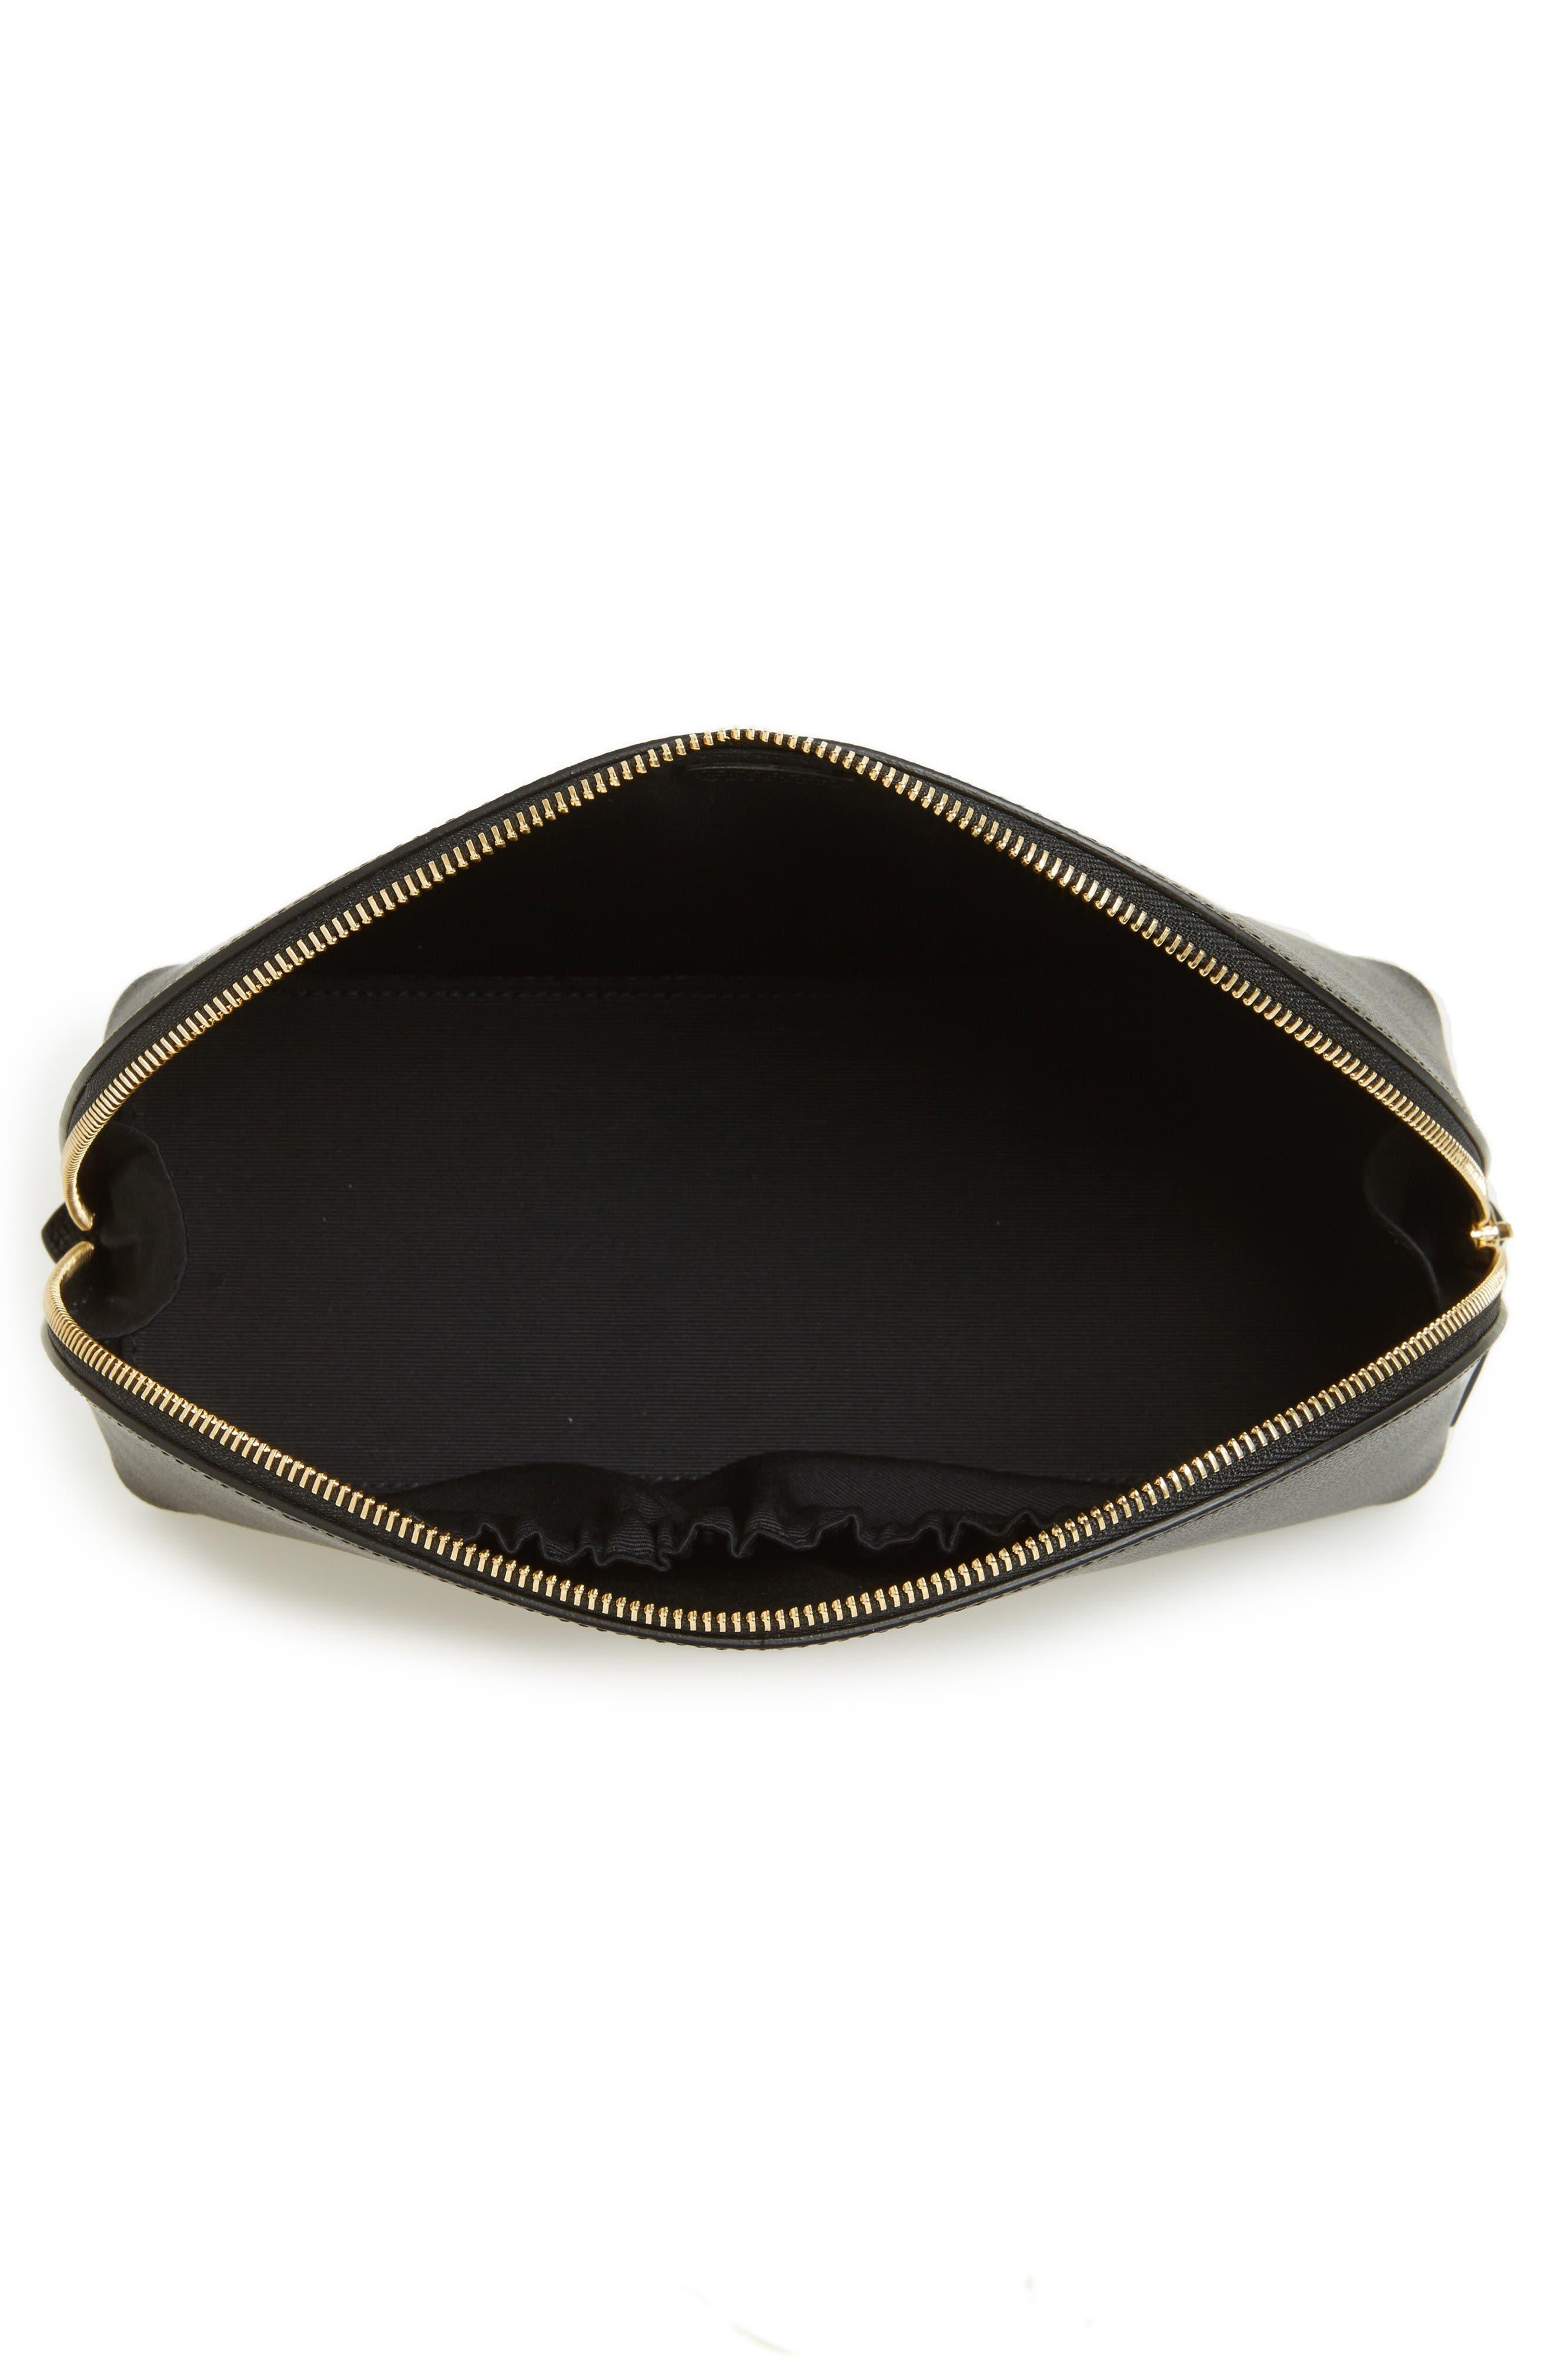 Alternate Image 3  - Smythson Medium Leather Cosmetics Case